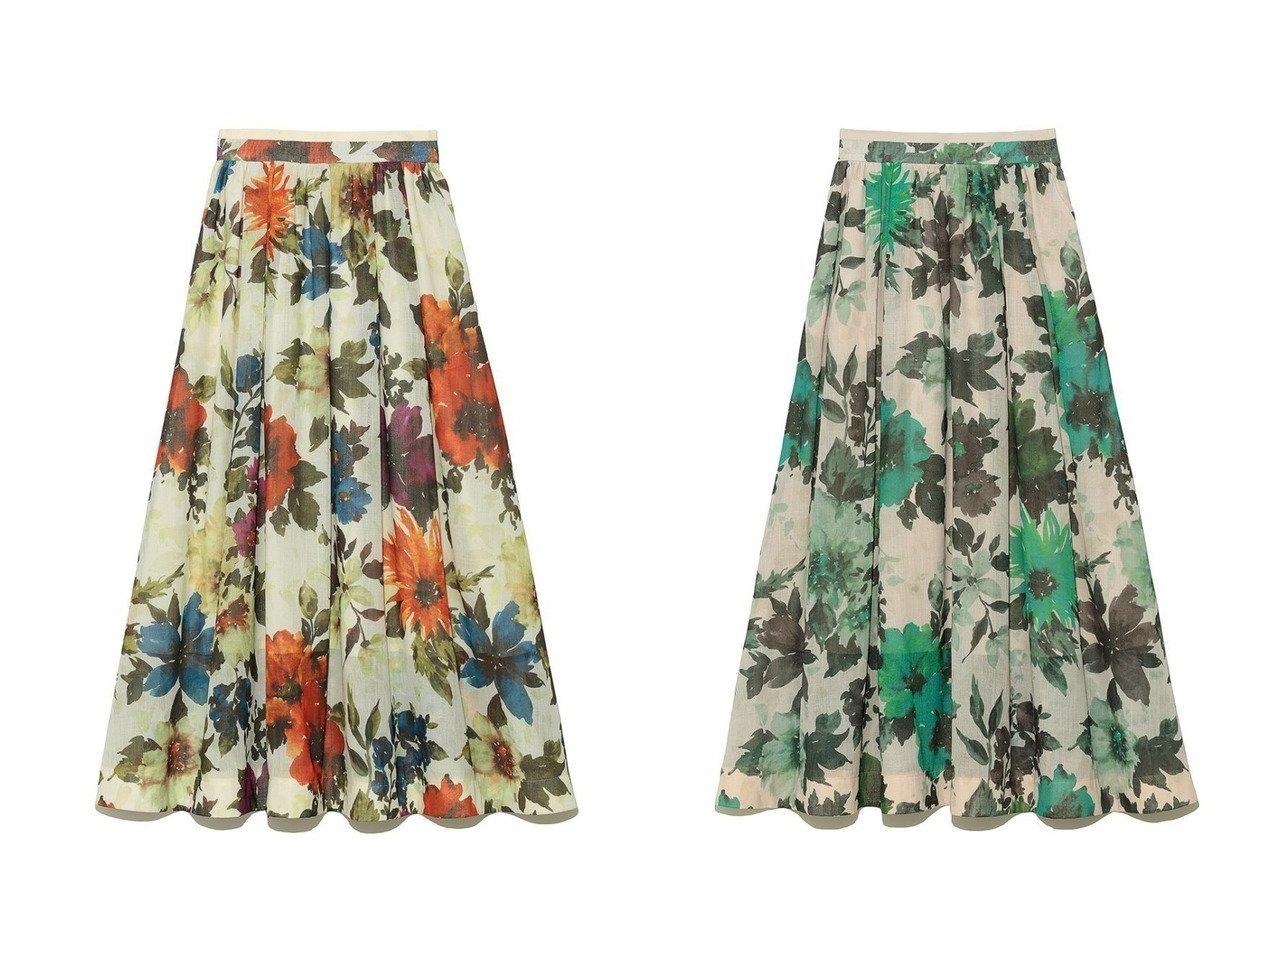 【Lily Brown/リリーブラウン】のボタニカルフラワースカート 【スカート】おすすめ!人気、トレンド・レディースファッションの通販 おすすめで人気の流行・トレンド、ファッションの通販商品 インテリア・家具・メンズファッション・キッズファッション・レディースファッション・服の通販 founy(ファニー) https://founy.com/ ファッション Fashion レディースファッション WOMEN スカート Skirt ロングスカート Long Skirt カットソー ギャザー タンク レース ロング 夏 Summer |ID:crp329100000055580